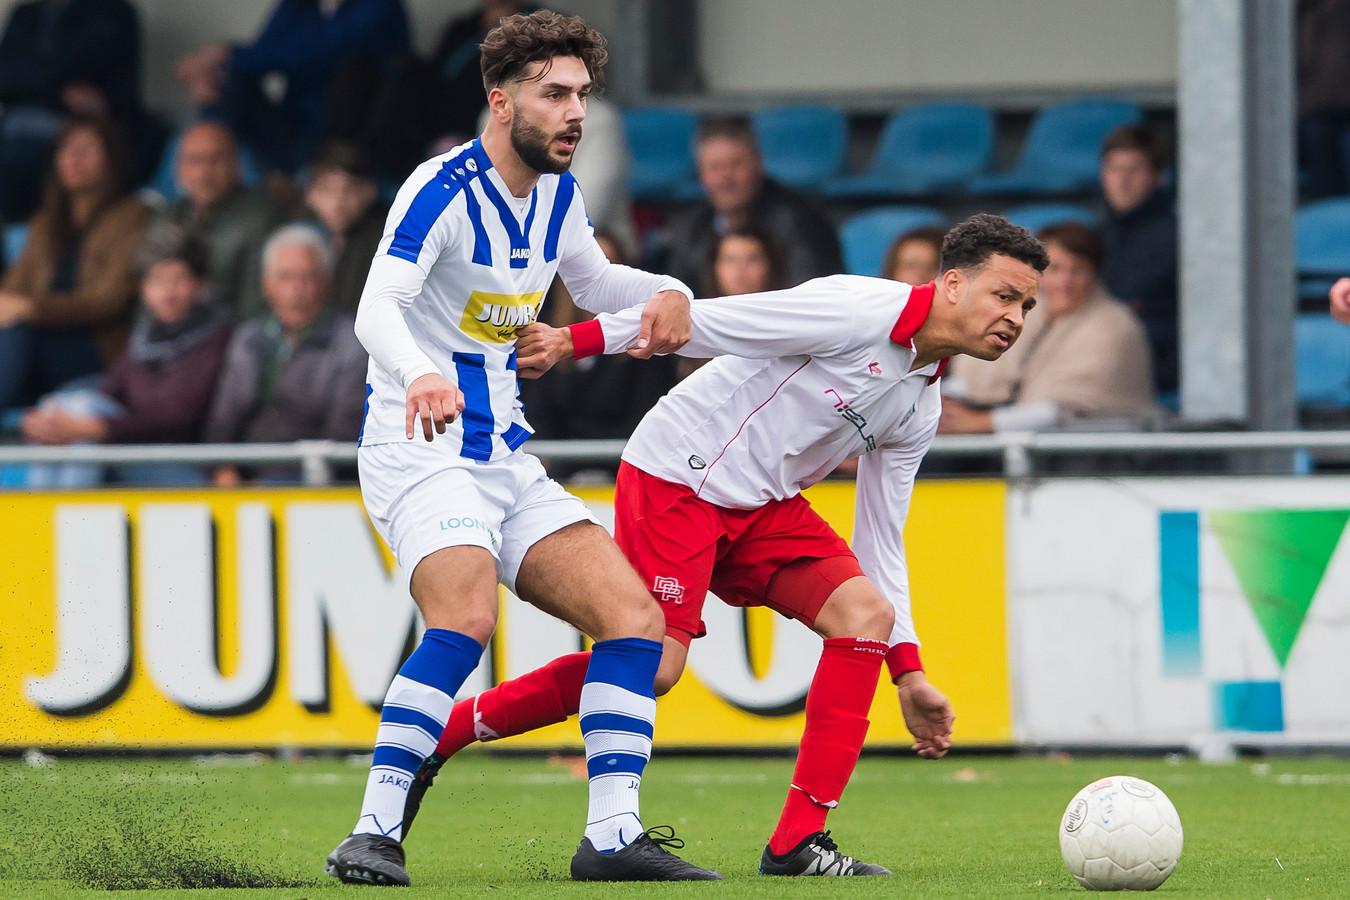 Kursad Sürmeli (links) speelt in actie voor FC Lienden, de club waar hij afgelopen seizoen na de winterstop speelde.